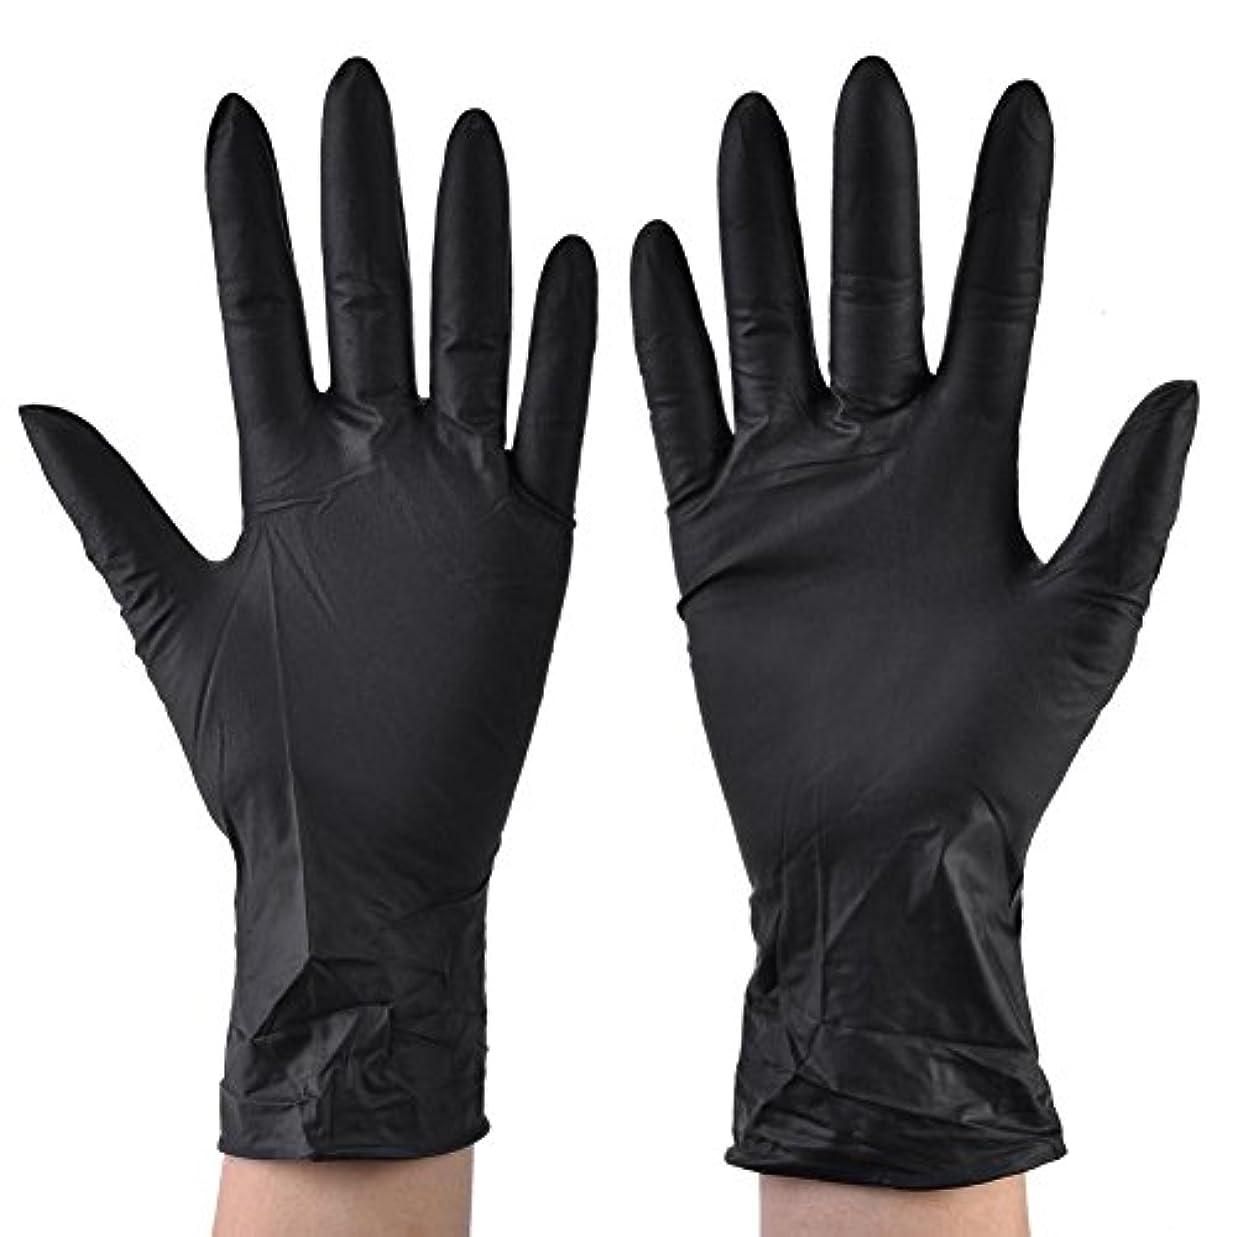 揺れるピカリングベテラン使い捨て手袋 ニトリルグローブ ホワイト 粉なし 工業用/医療用/理美容用/レストラン用 M/L選択可 100枚 左右兼用 作業手袋(M)